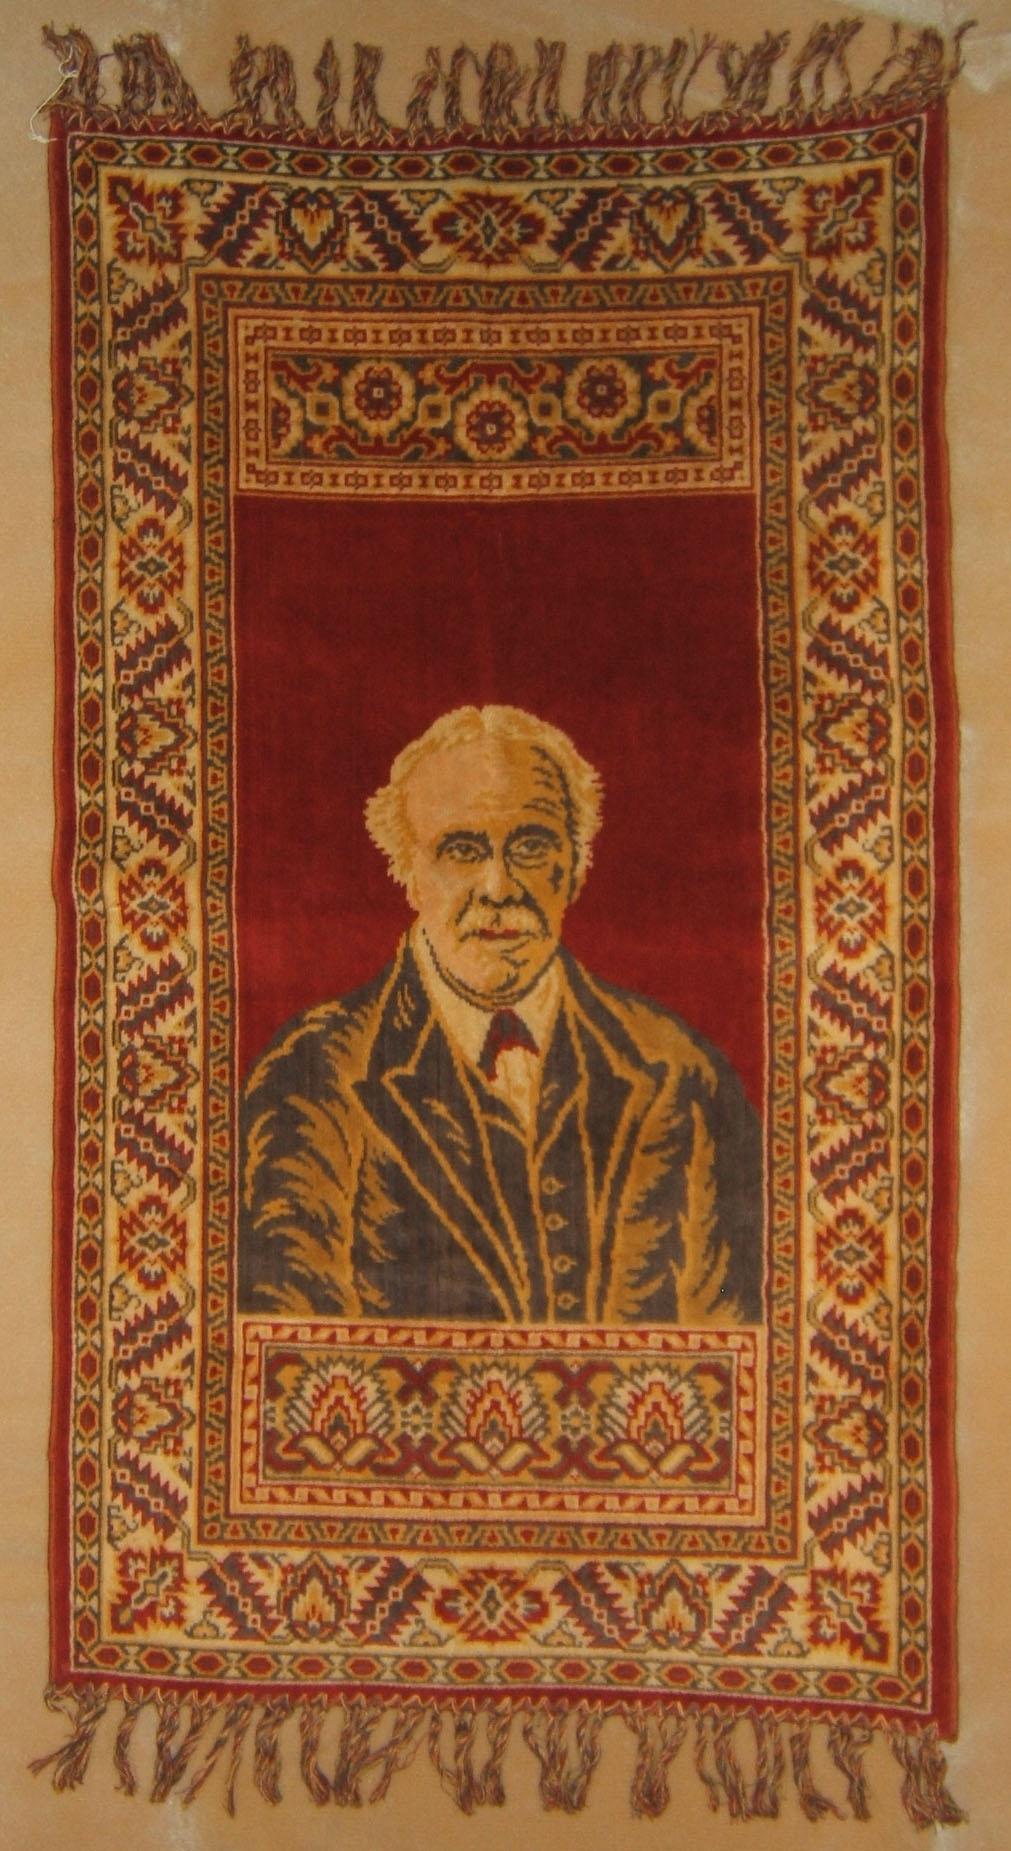 Palästina/E.I. Arthur Balfour, jüdischer Teppich, ca. 1917-1920